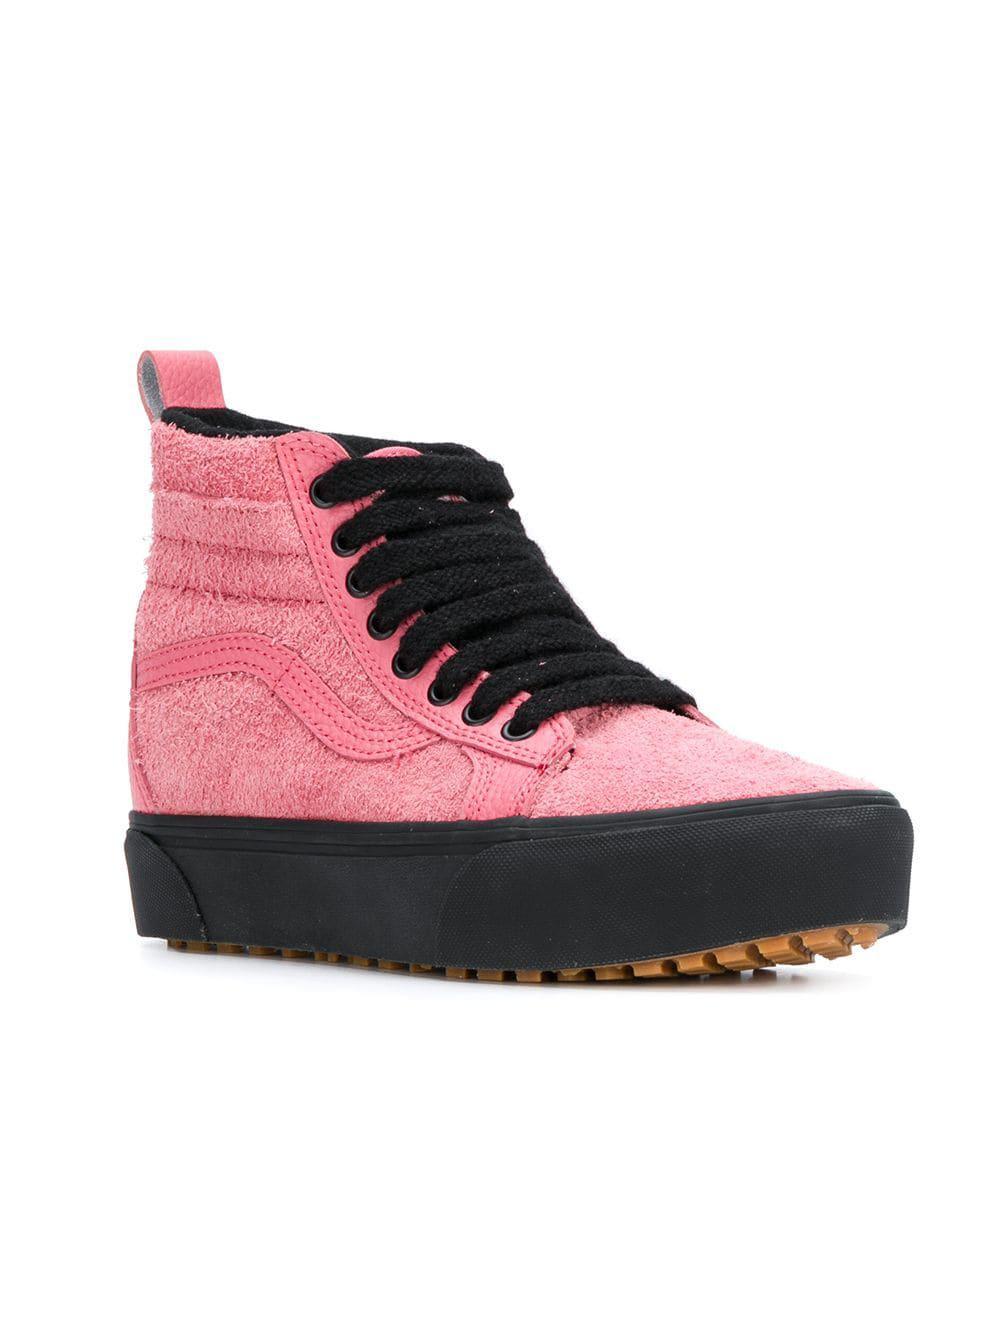 ac9eec1106d286 Lyst - Vans Sk8-hi Platform Mte Sneakers in Pink for Men